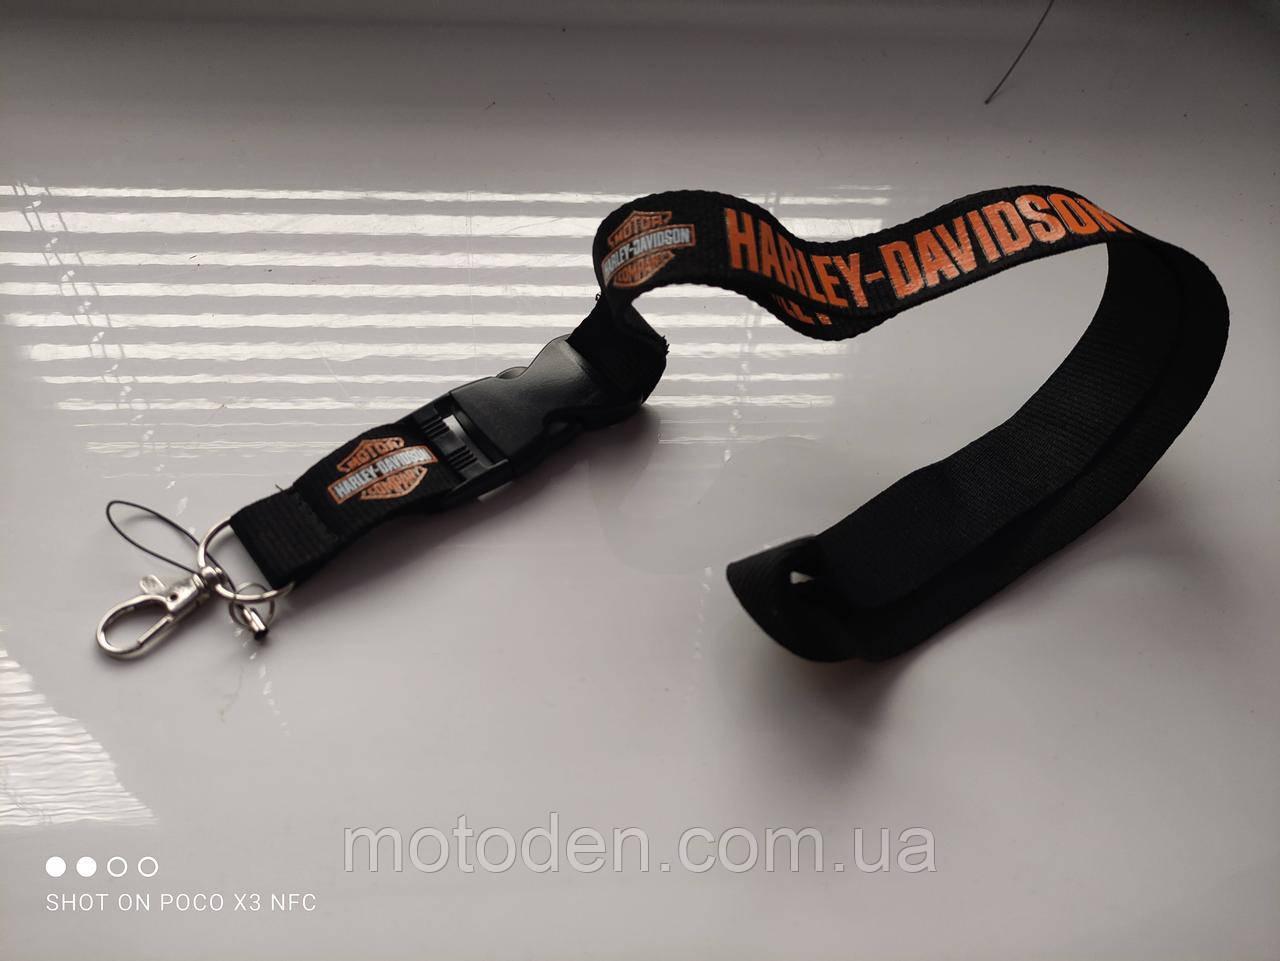 Шнурок на шию для ключів, телефону Урал ИМЗ (ширина - 20мм)